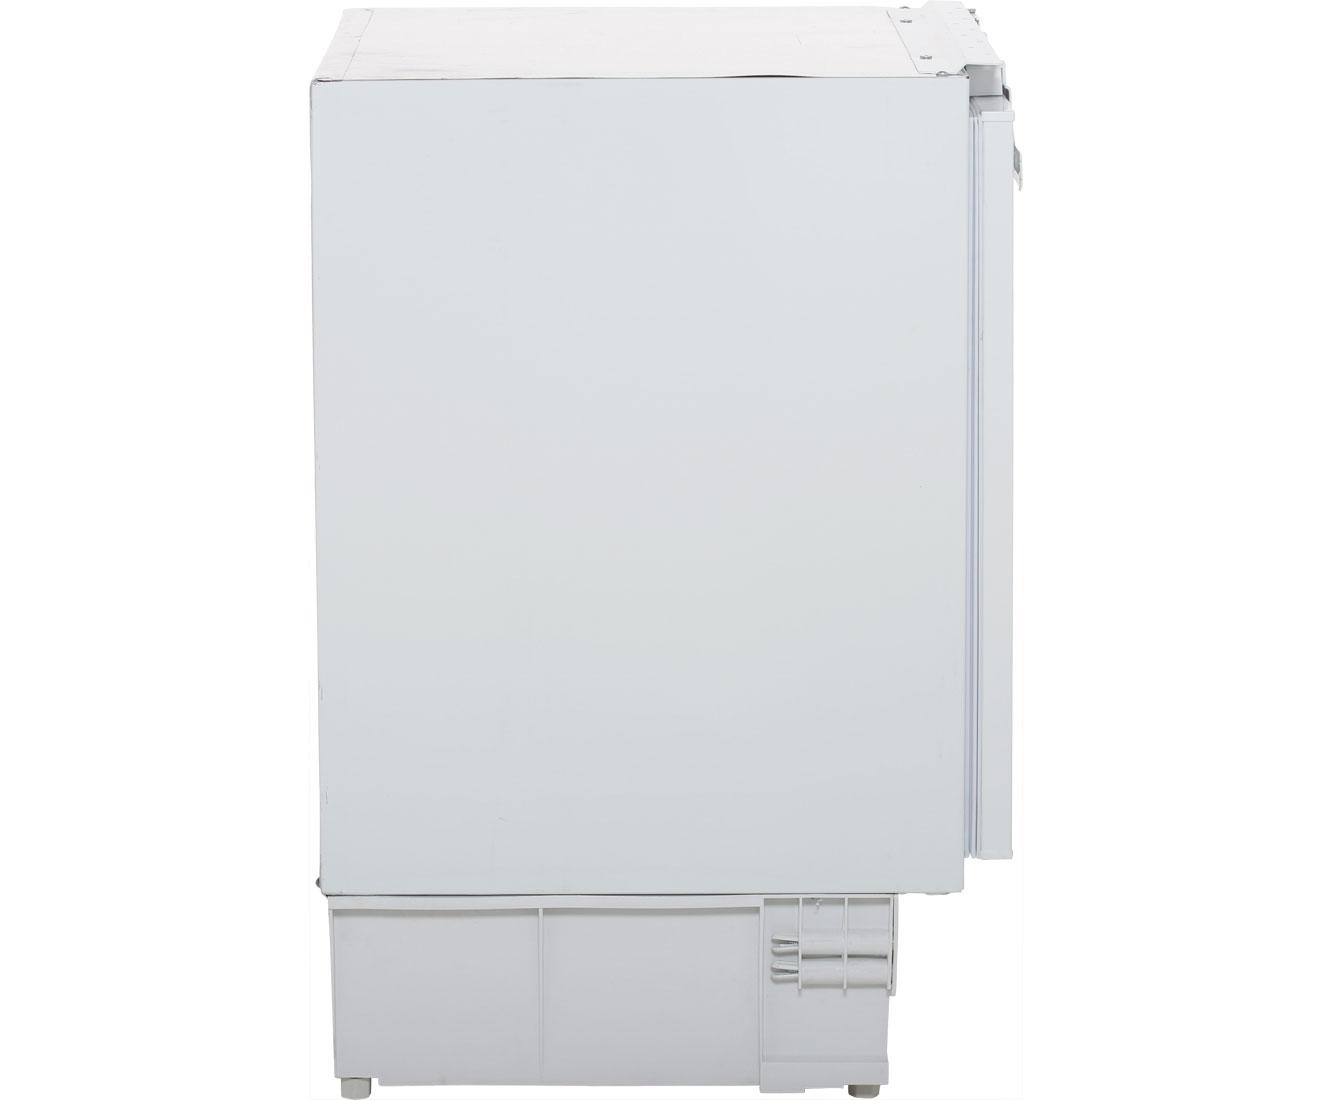 Retro Kühlschrank Notebooksbilliger : Gefrierschrank 140 liter liebherr gt bäko line gefriertruhe